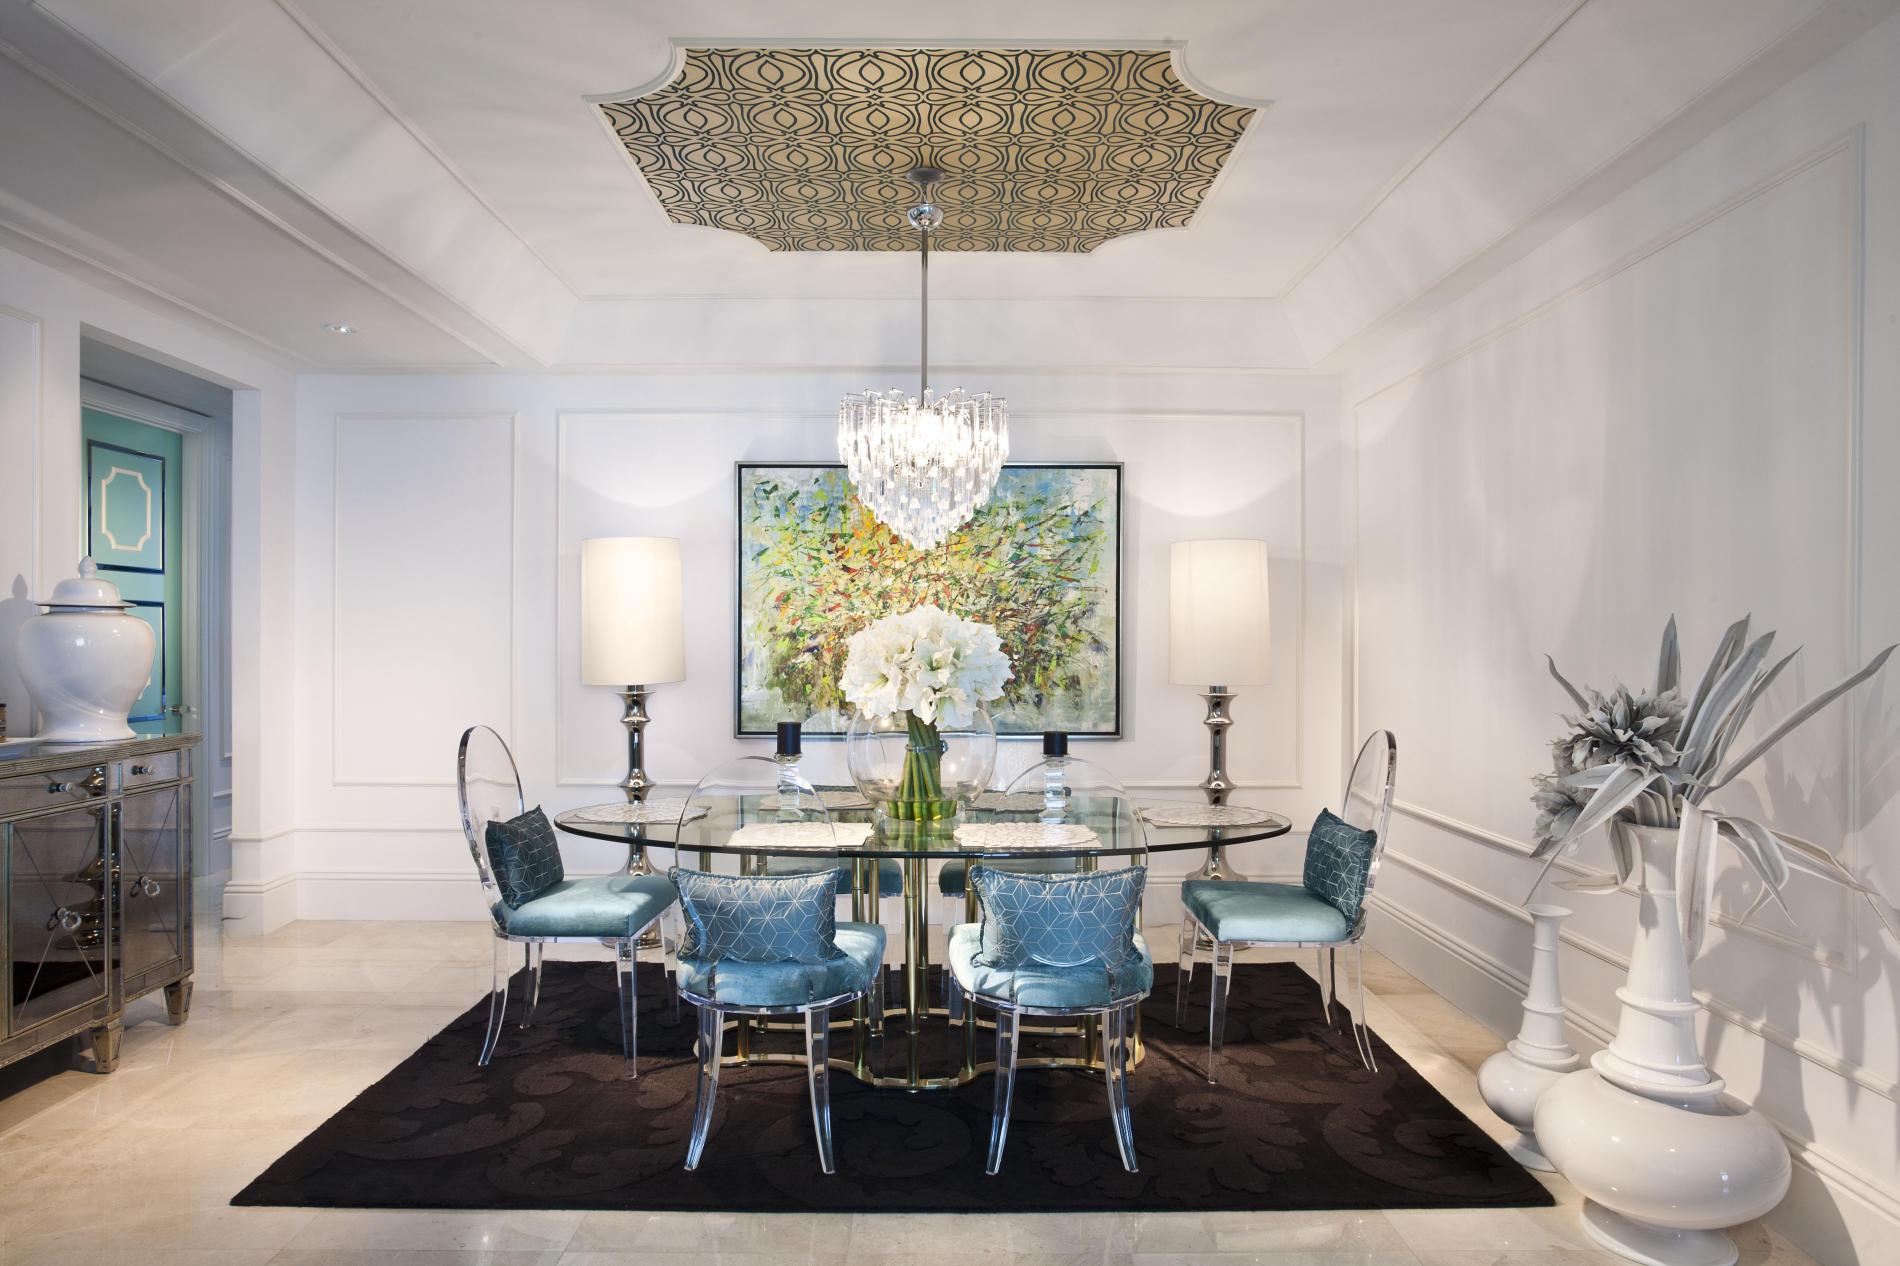 легий дизайн интерьера столовой в доме.jpg